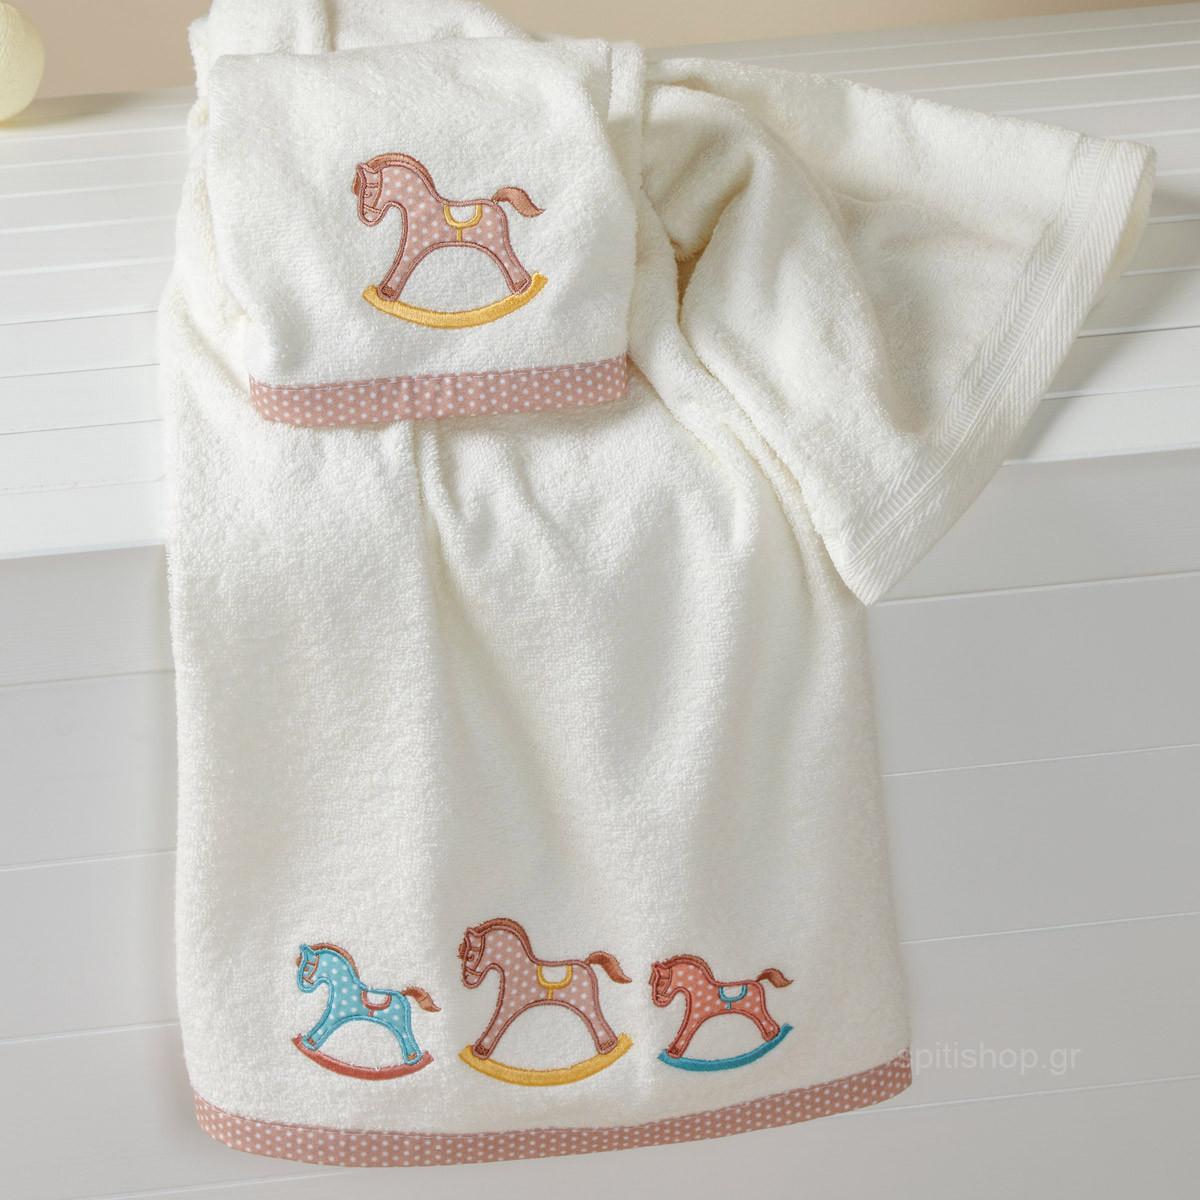 Βρεφικές Πετσέτες (Σετ 2τμχ) Kentia Baby Carousel